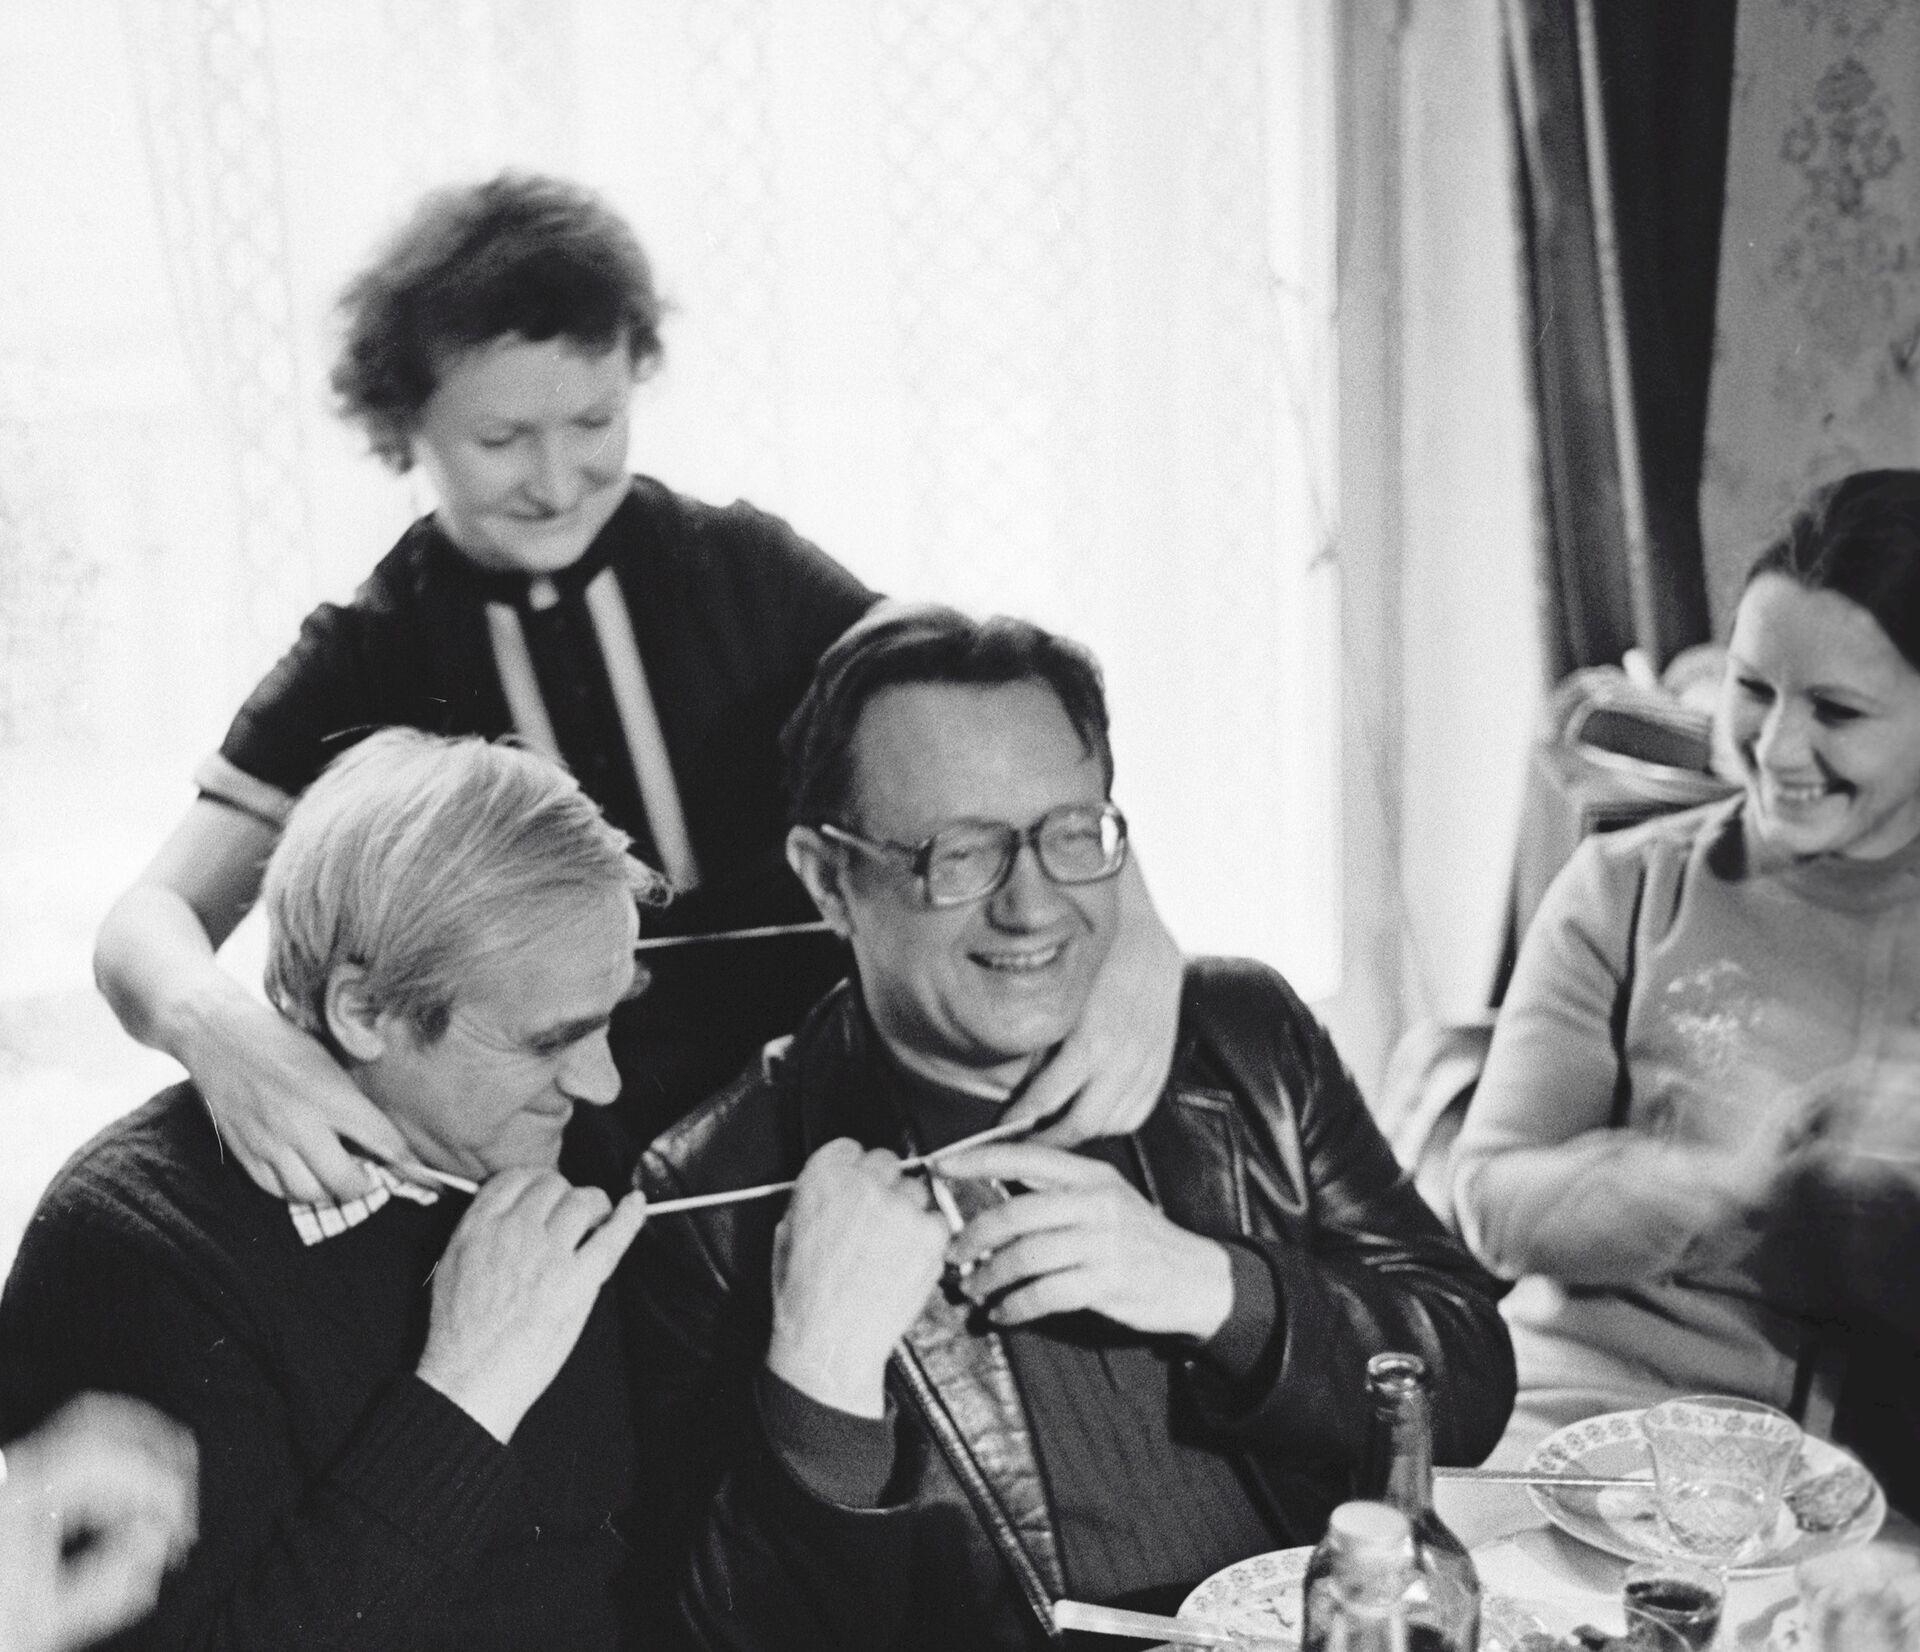 Писатели Даниил Гранин Алесь Адамович - Sputnik Беларусь, 1920, 03.09.2021